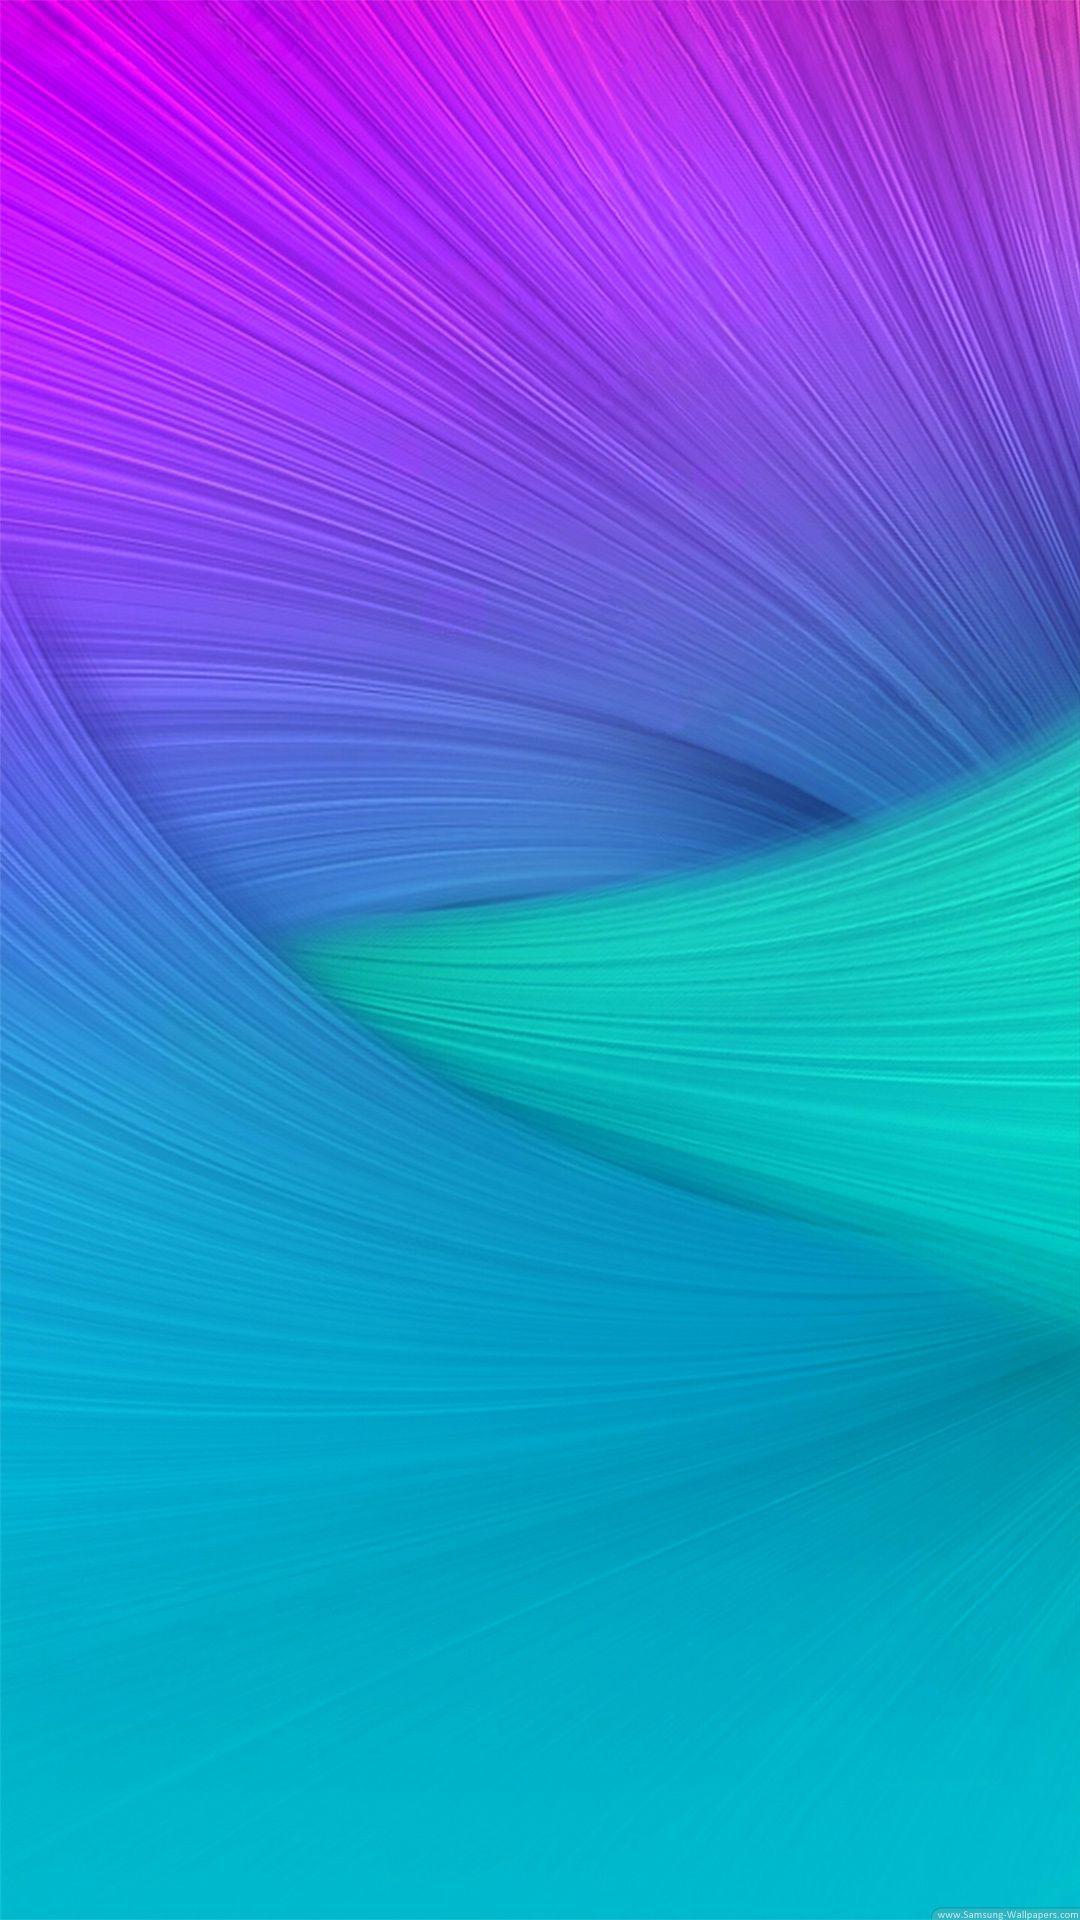 ☺iphone ios 7 wallpaper tumblr for ipad Fond d'écran hd